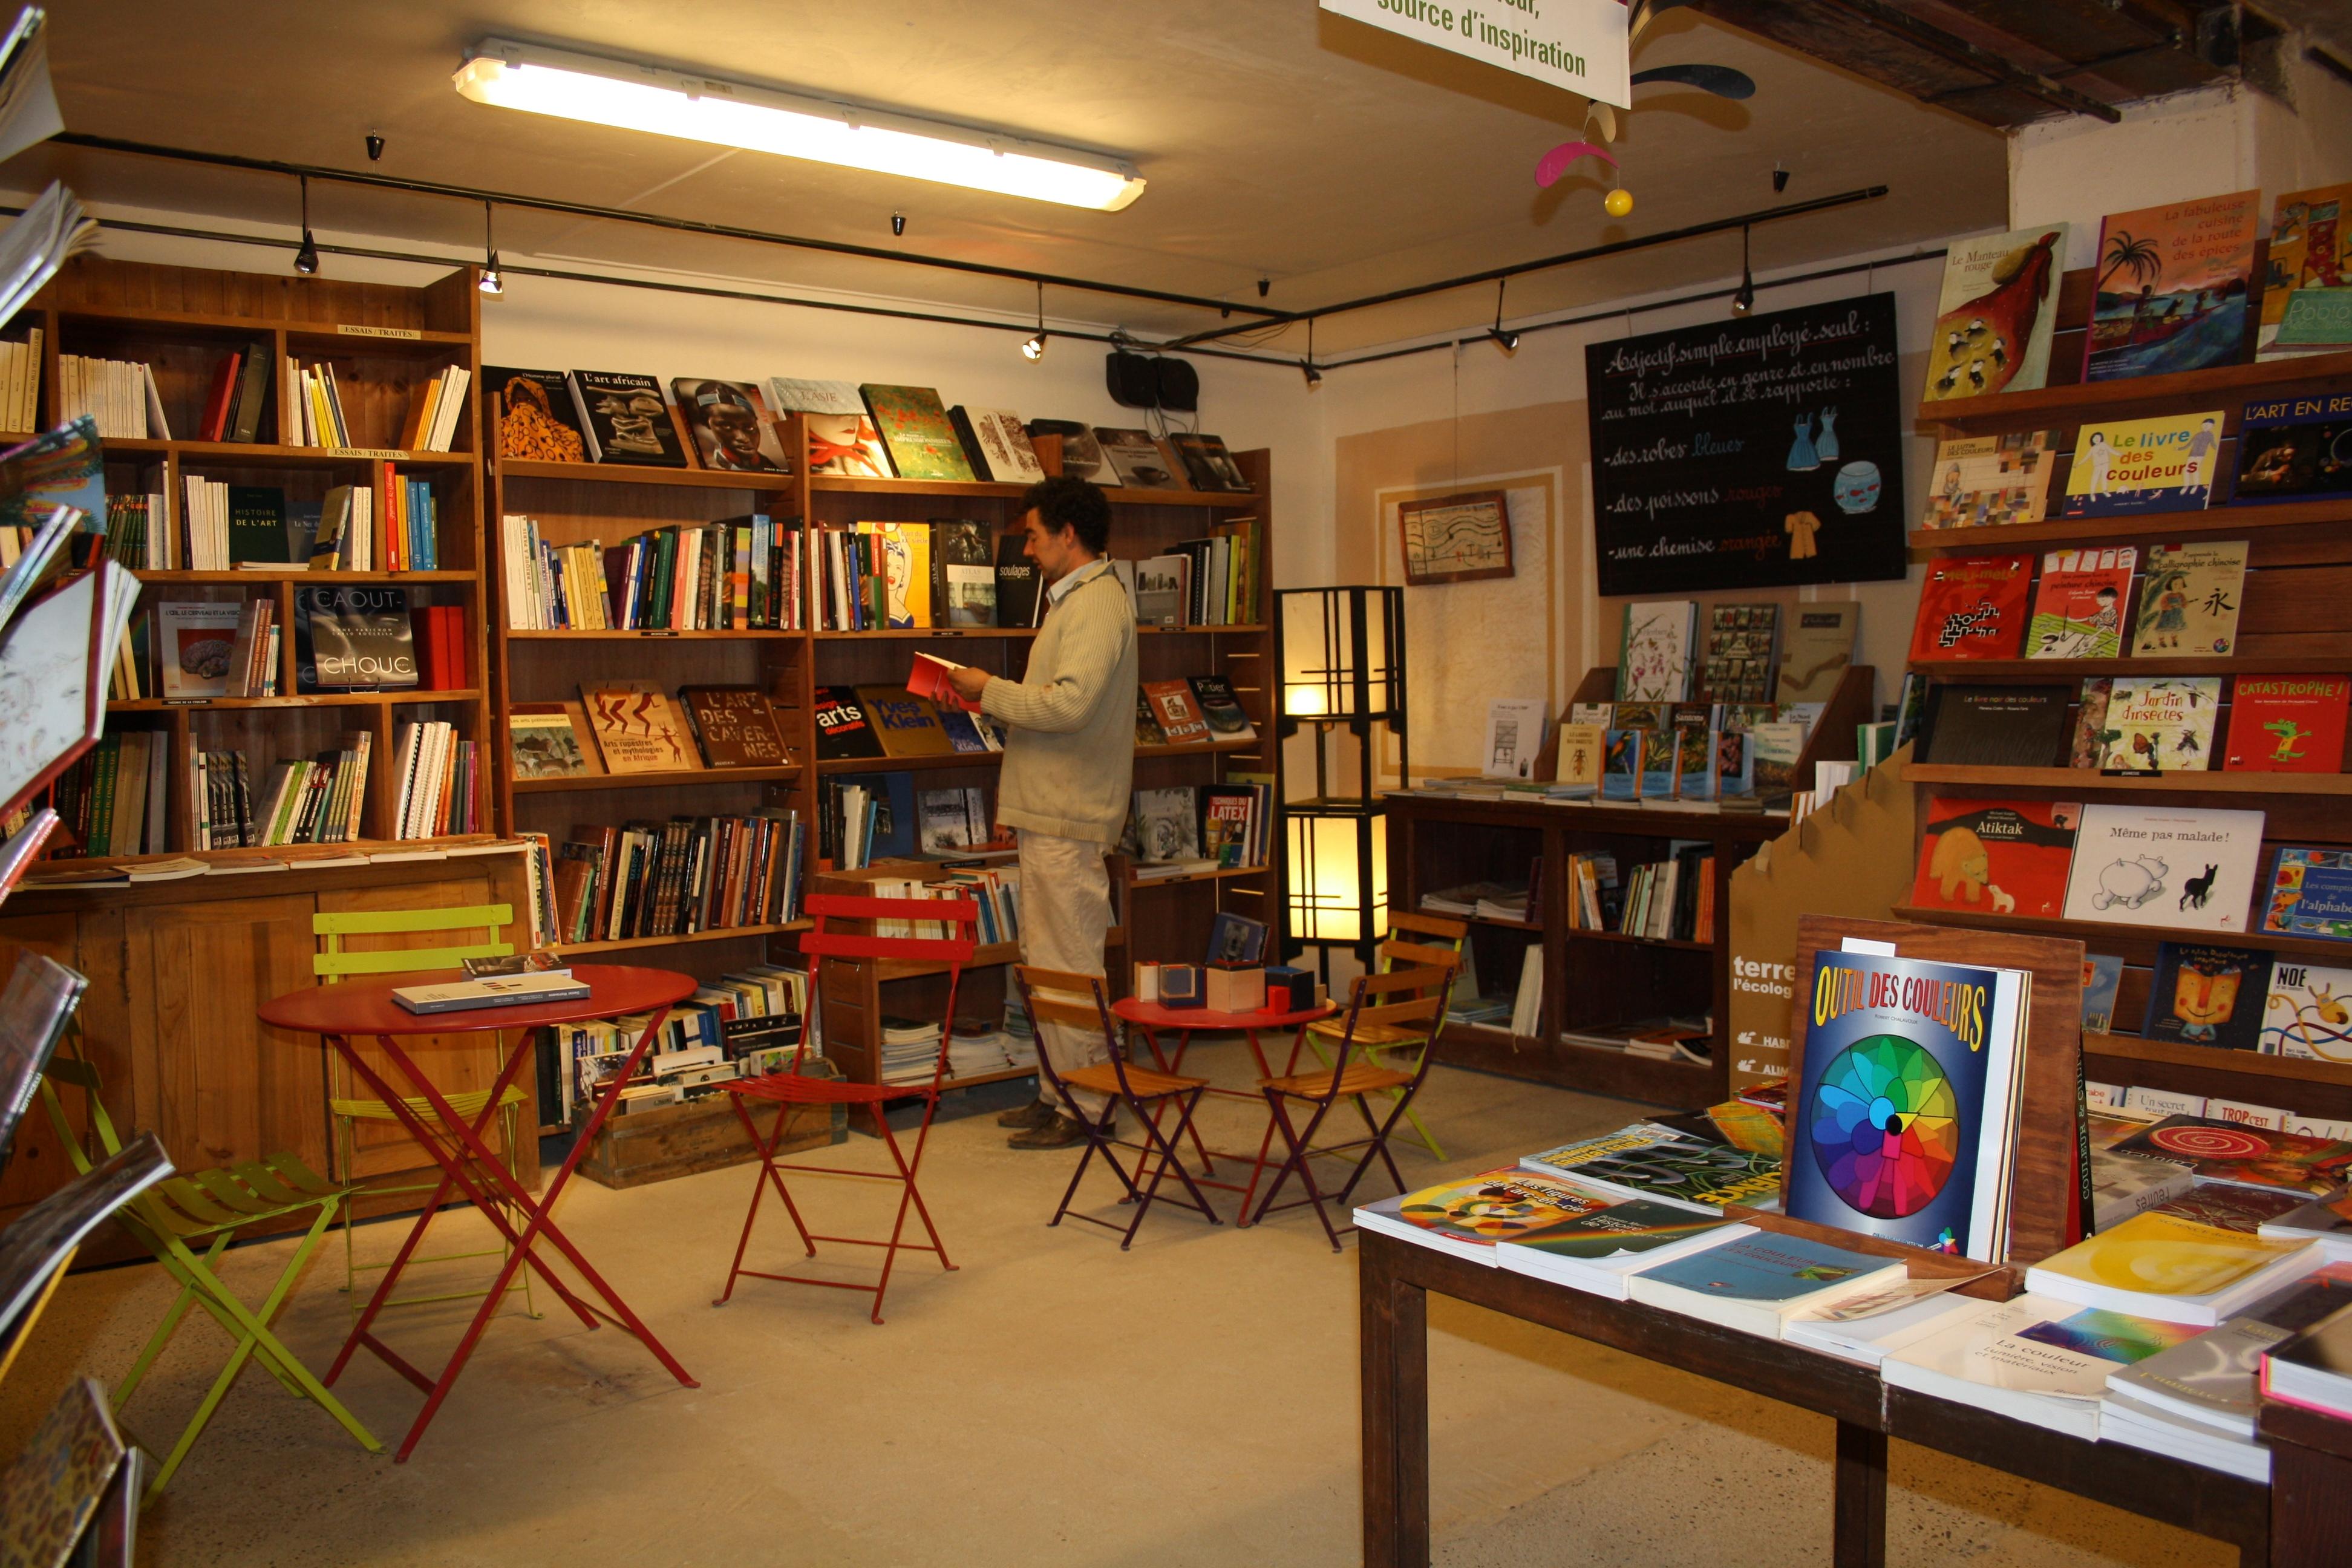 comptoir des ocres 28 images m 233 lange ocre le comptoir des teintures m 233 lange ocre le. Black Bedroom Furniture Sets. Home Design Ideas